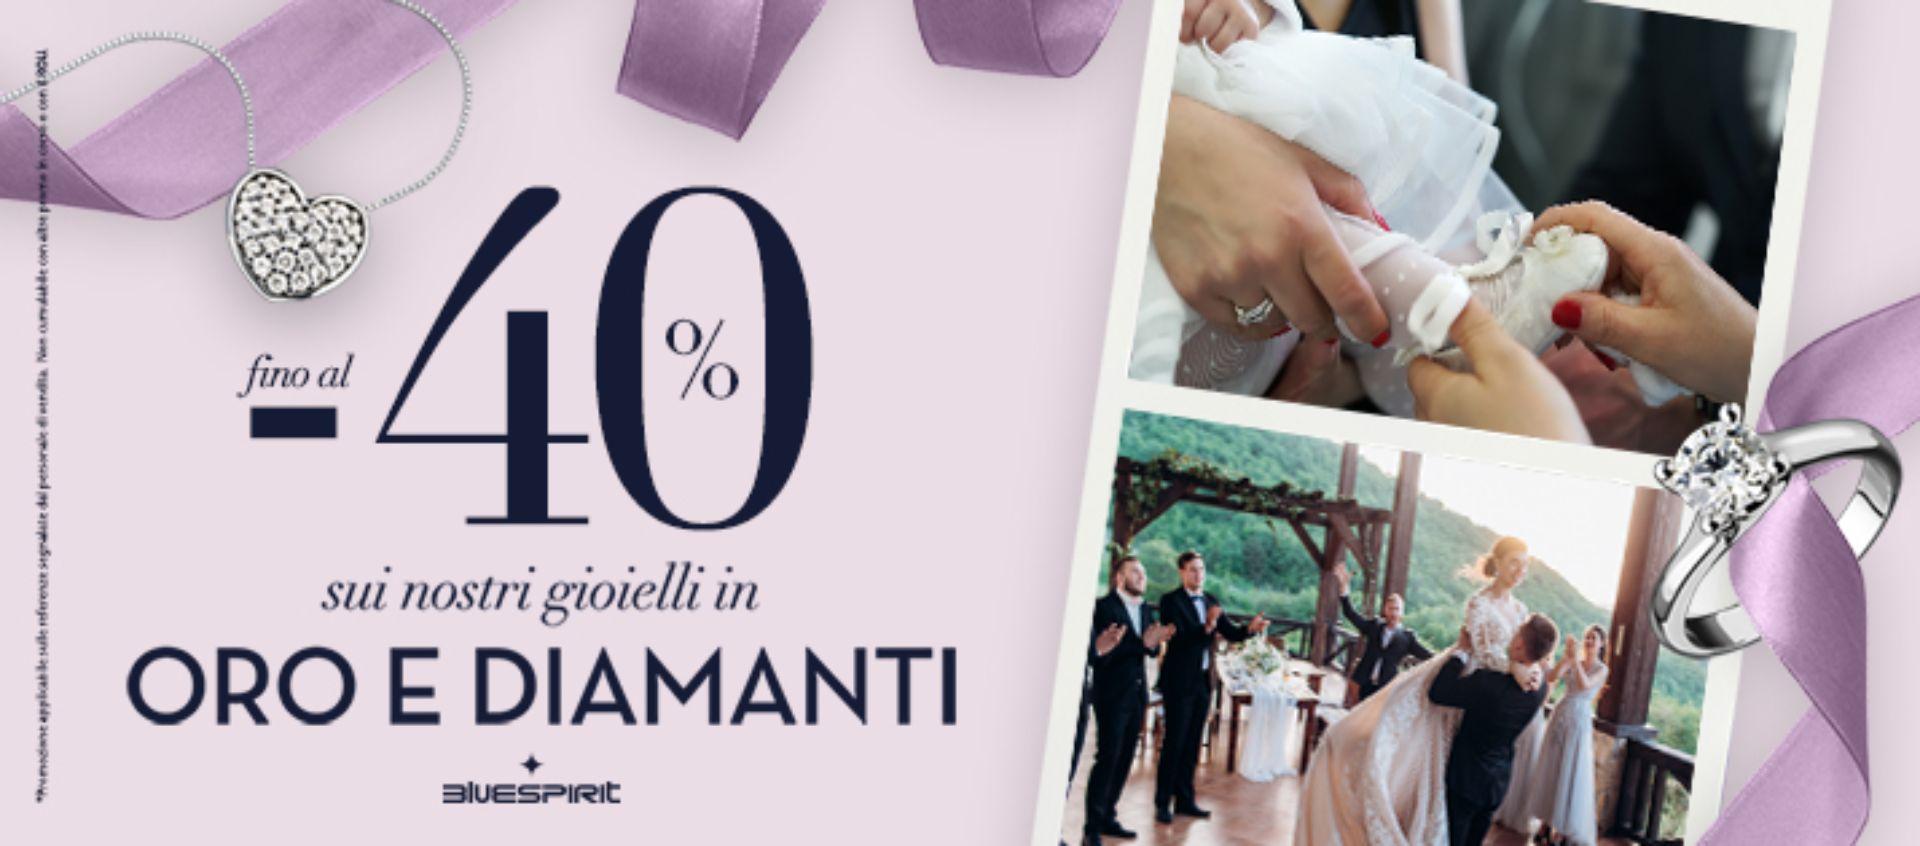 -40% sui nostri gioielli in Oro e Diamanti